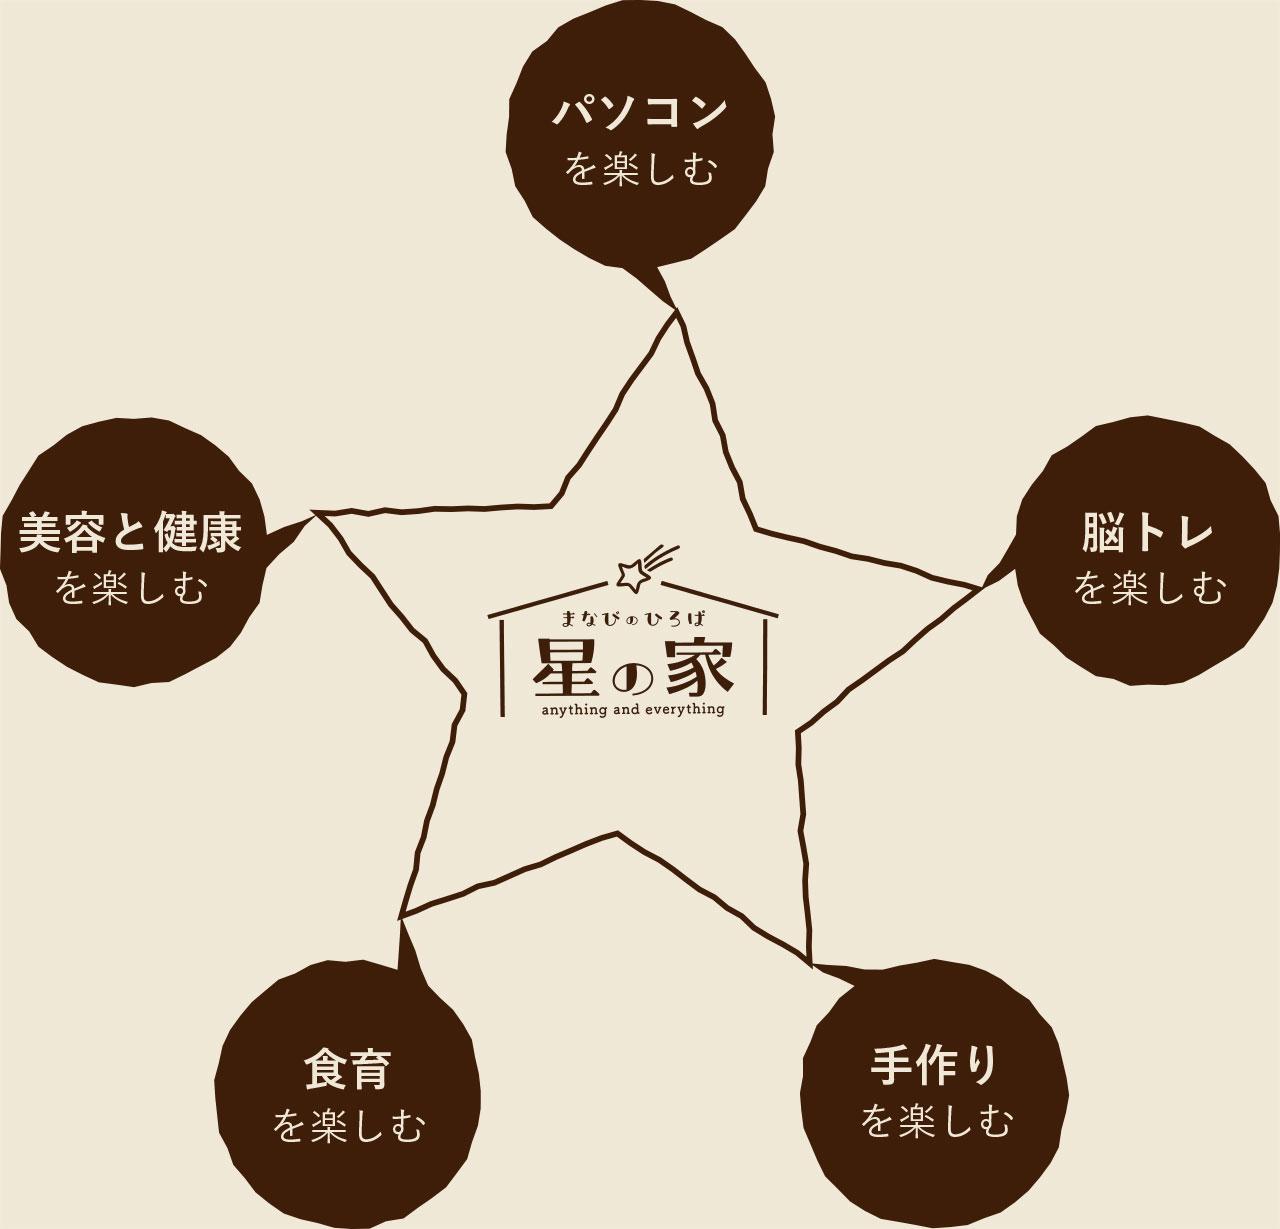 星の家5つのコンセプト